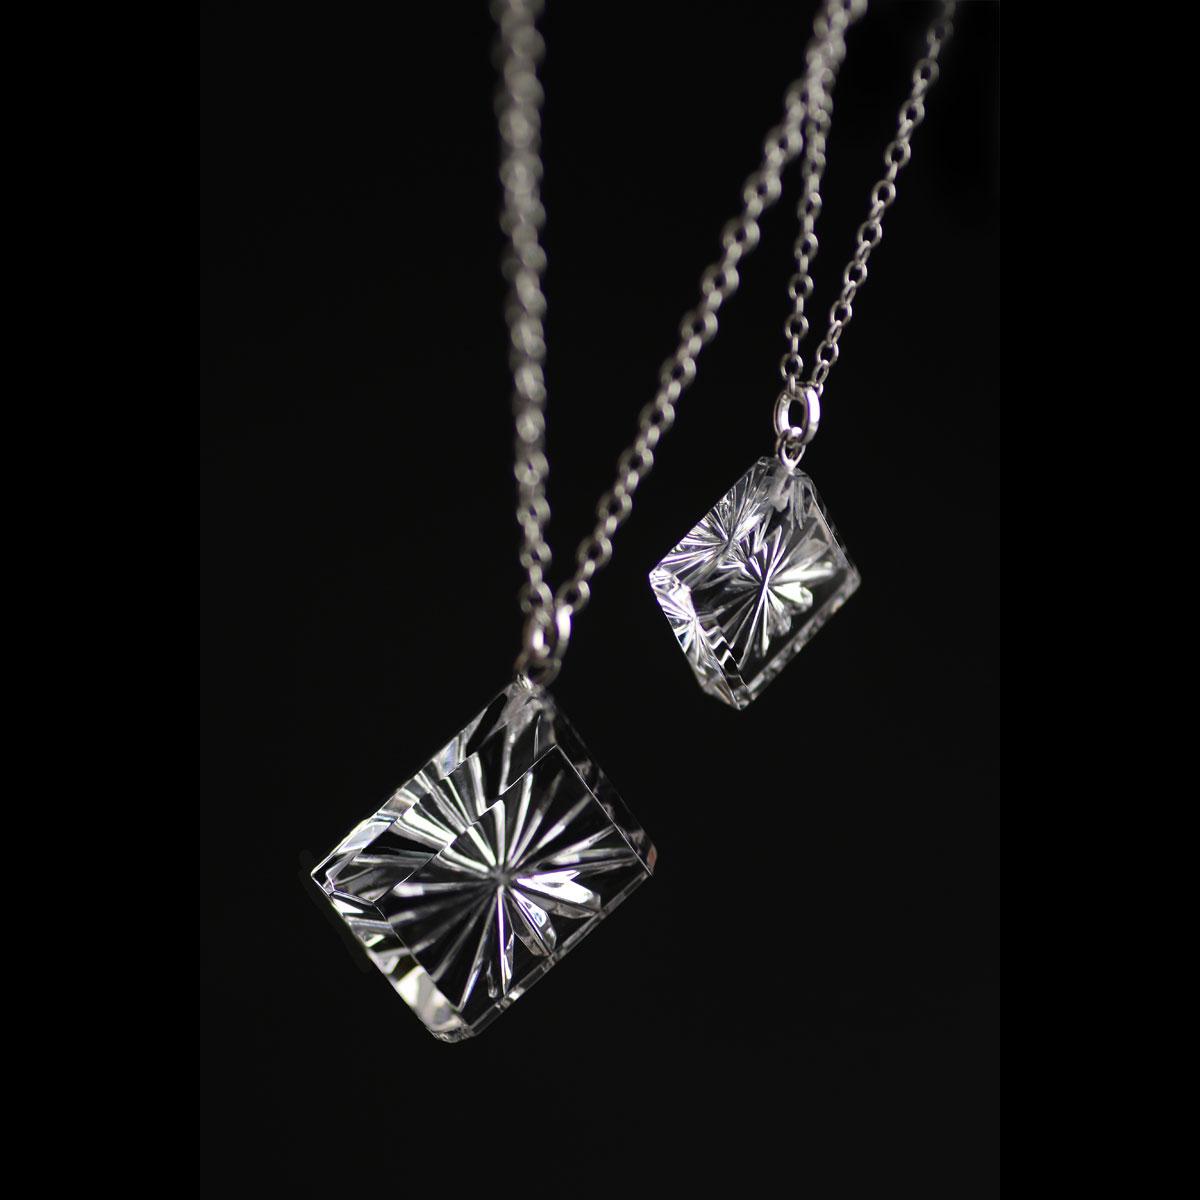 Cashs Ireland, Diamond Newgrange Pendant Crystal Necklace, Large